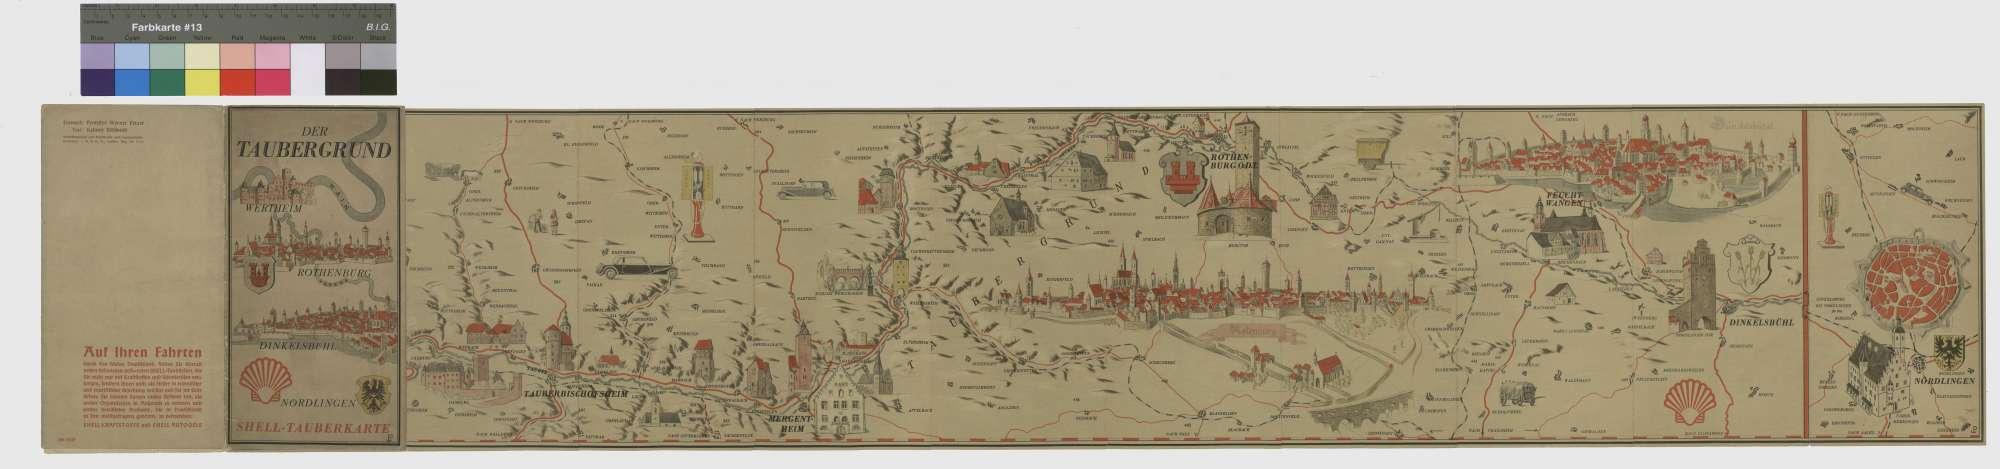 """Shell-Tauberkarte """"Der Taubergrund Wertheim - Rothenburg - Dinkelsbühl - Nördlingen"""", 2"""